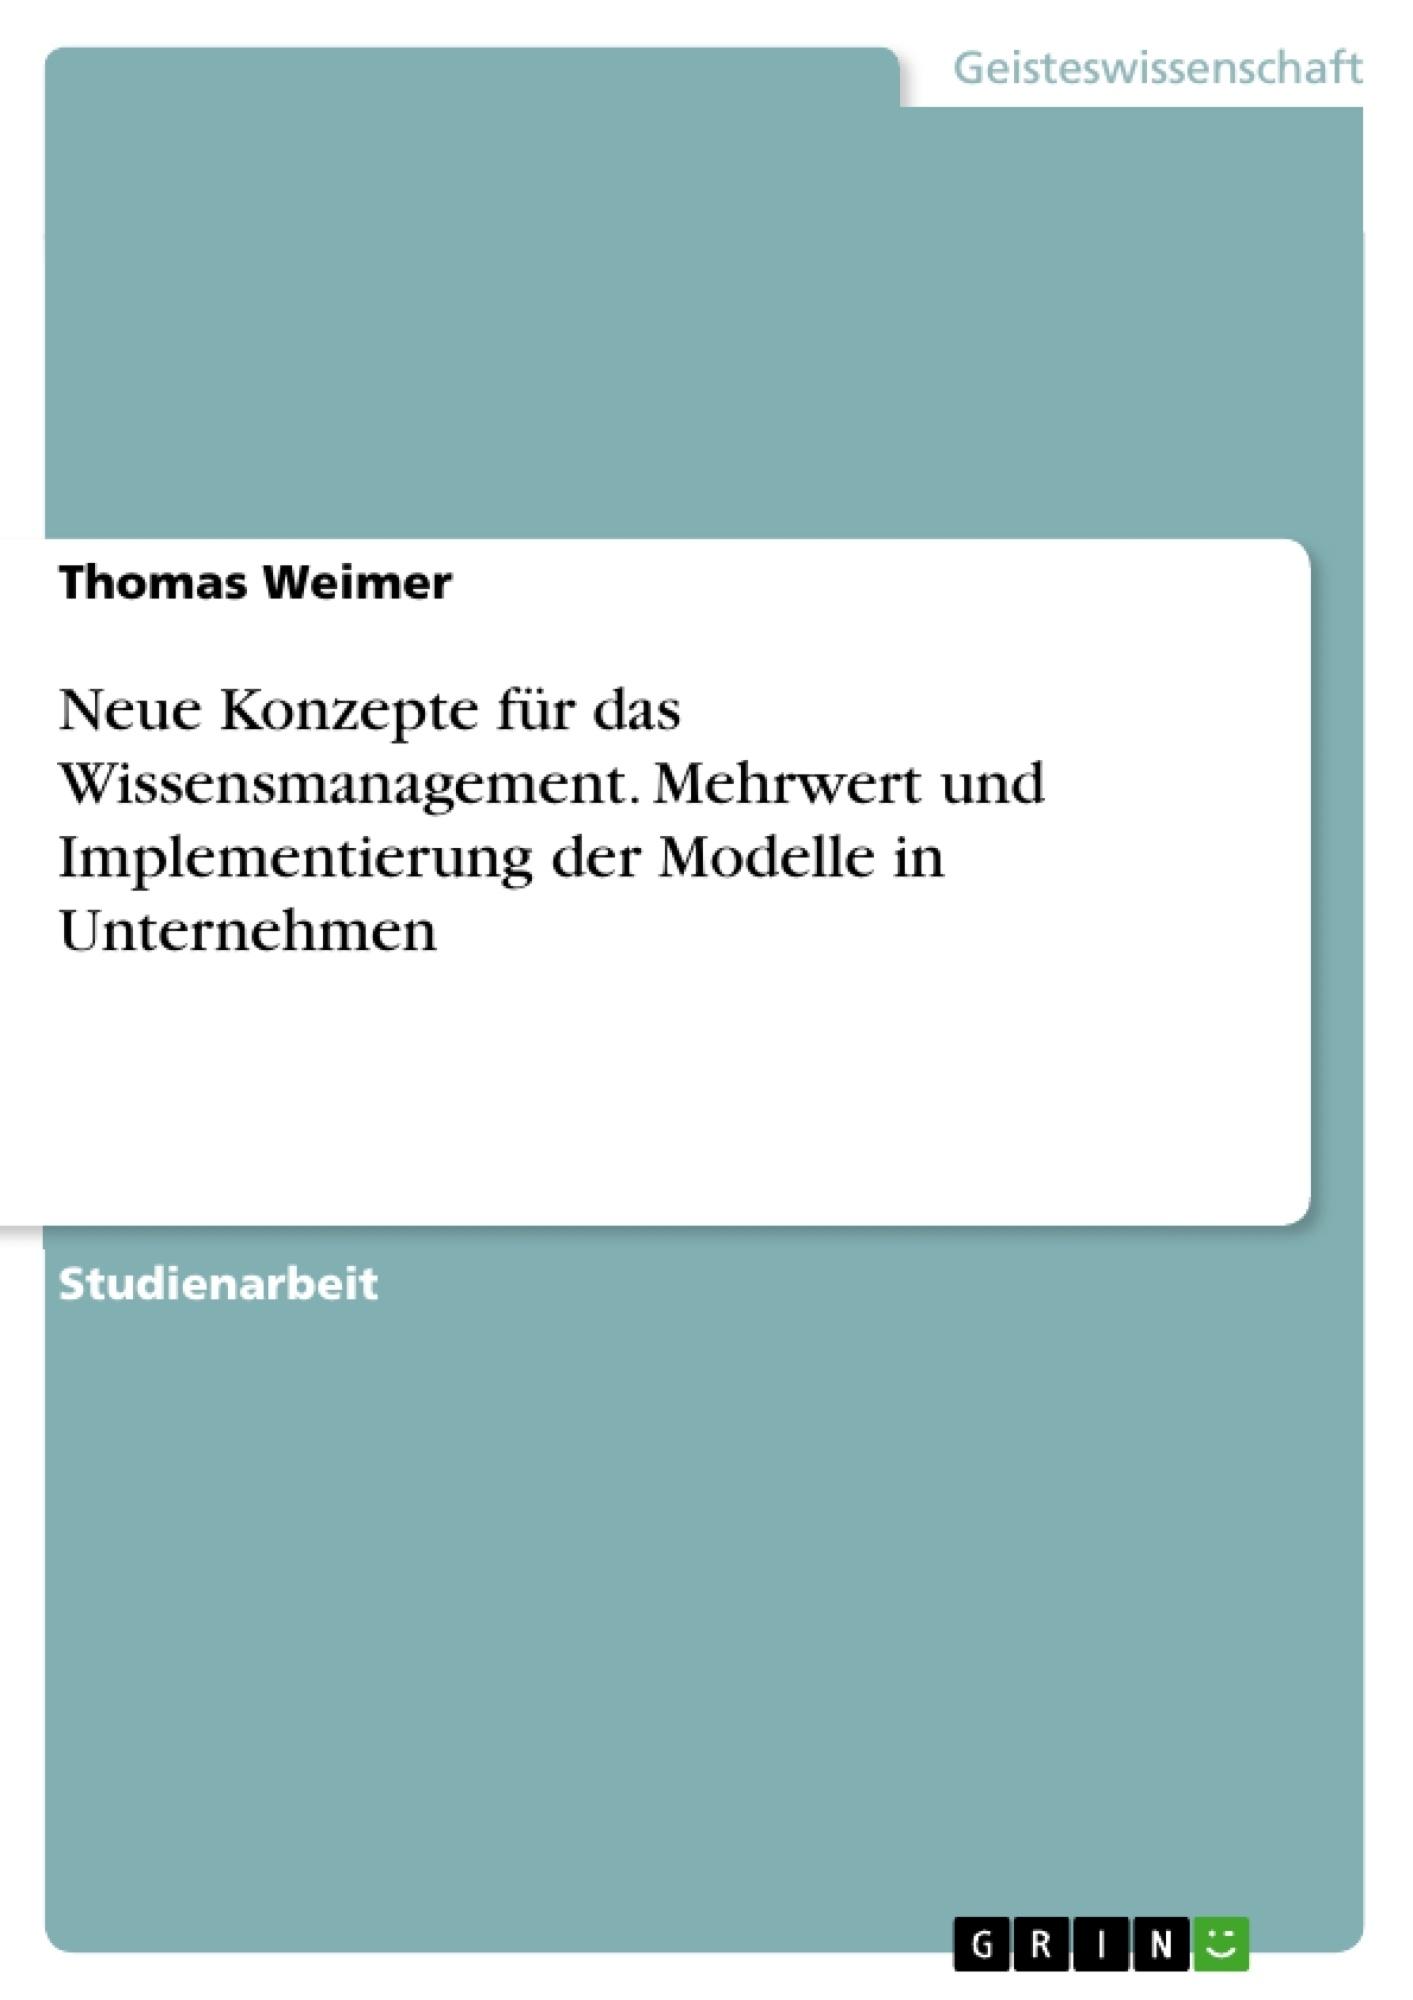 Titel: Neue Konzepte für das Wissensmanagement. Mehrwert und Implementierung der Modelle in Unternehmen